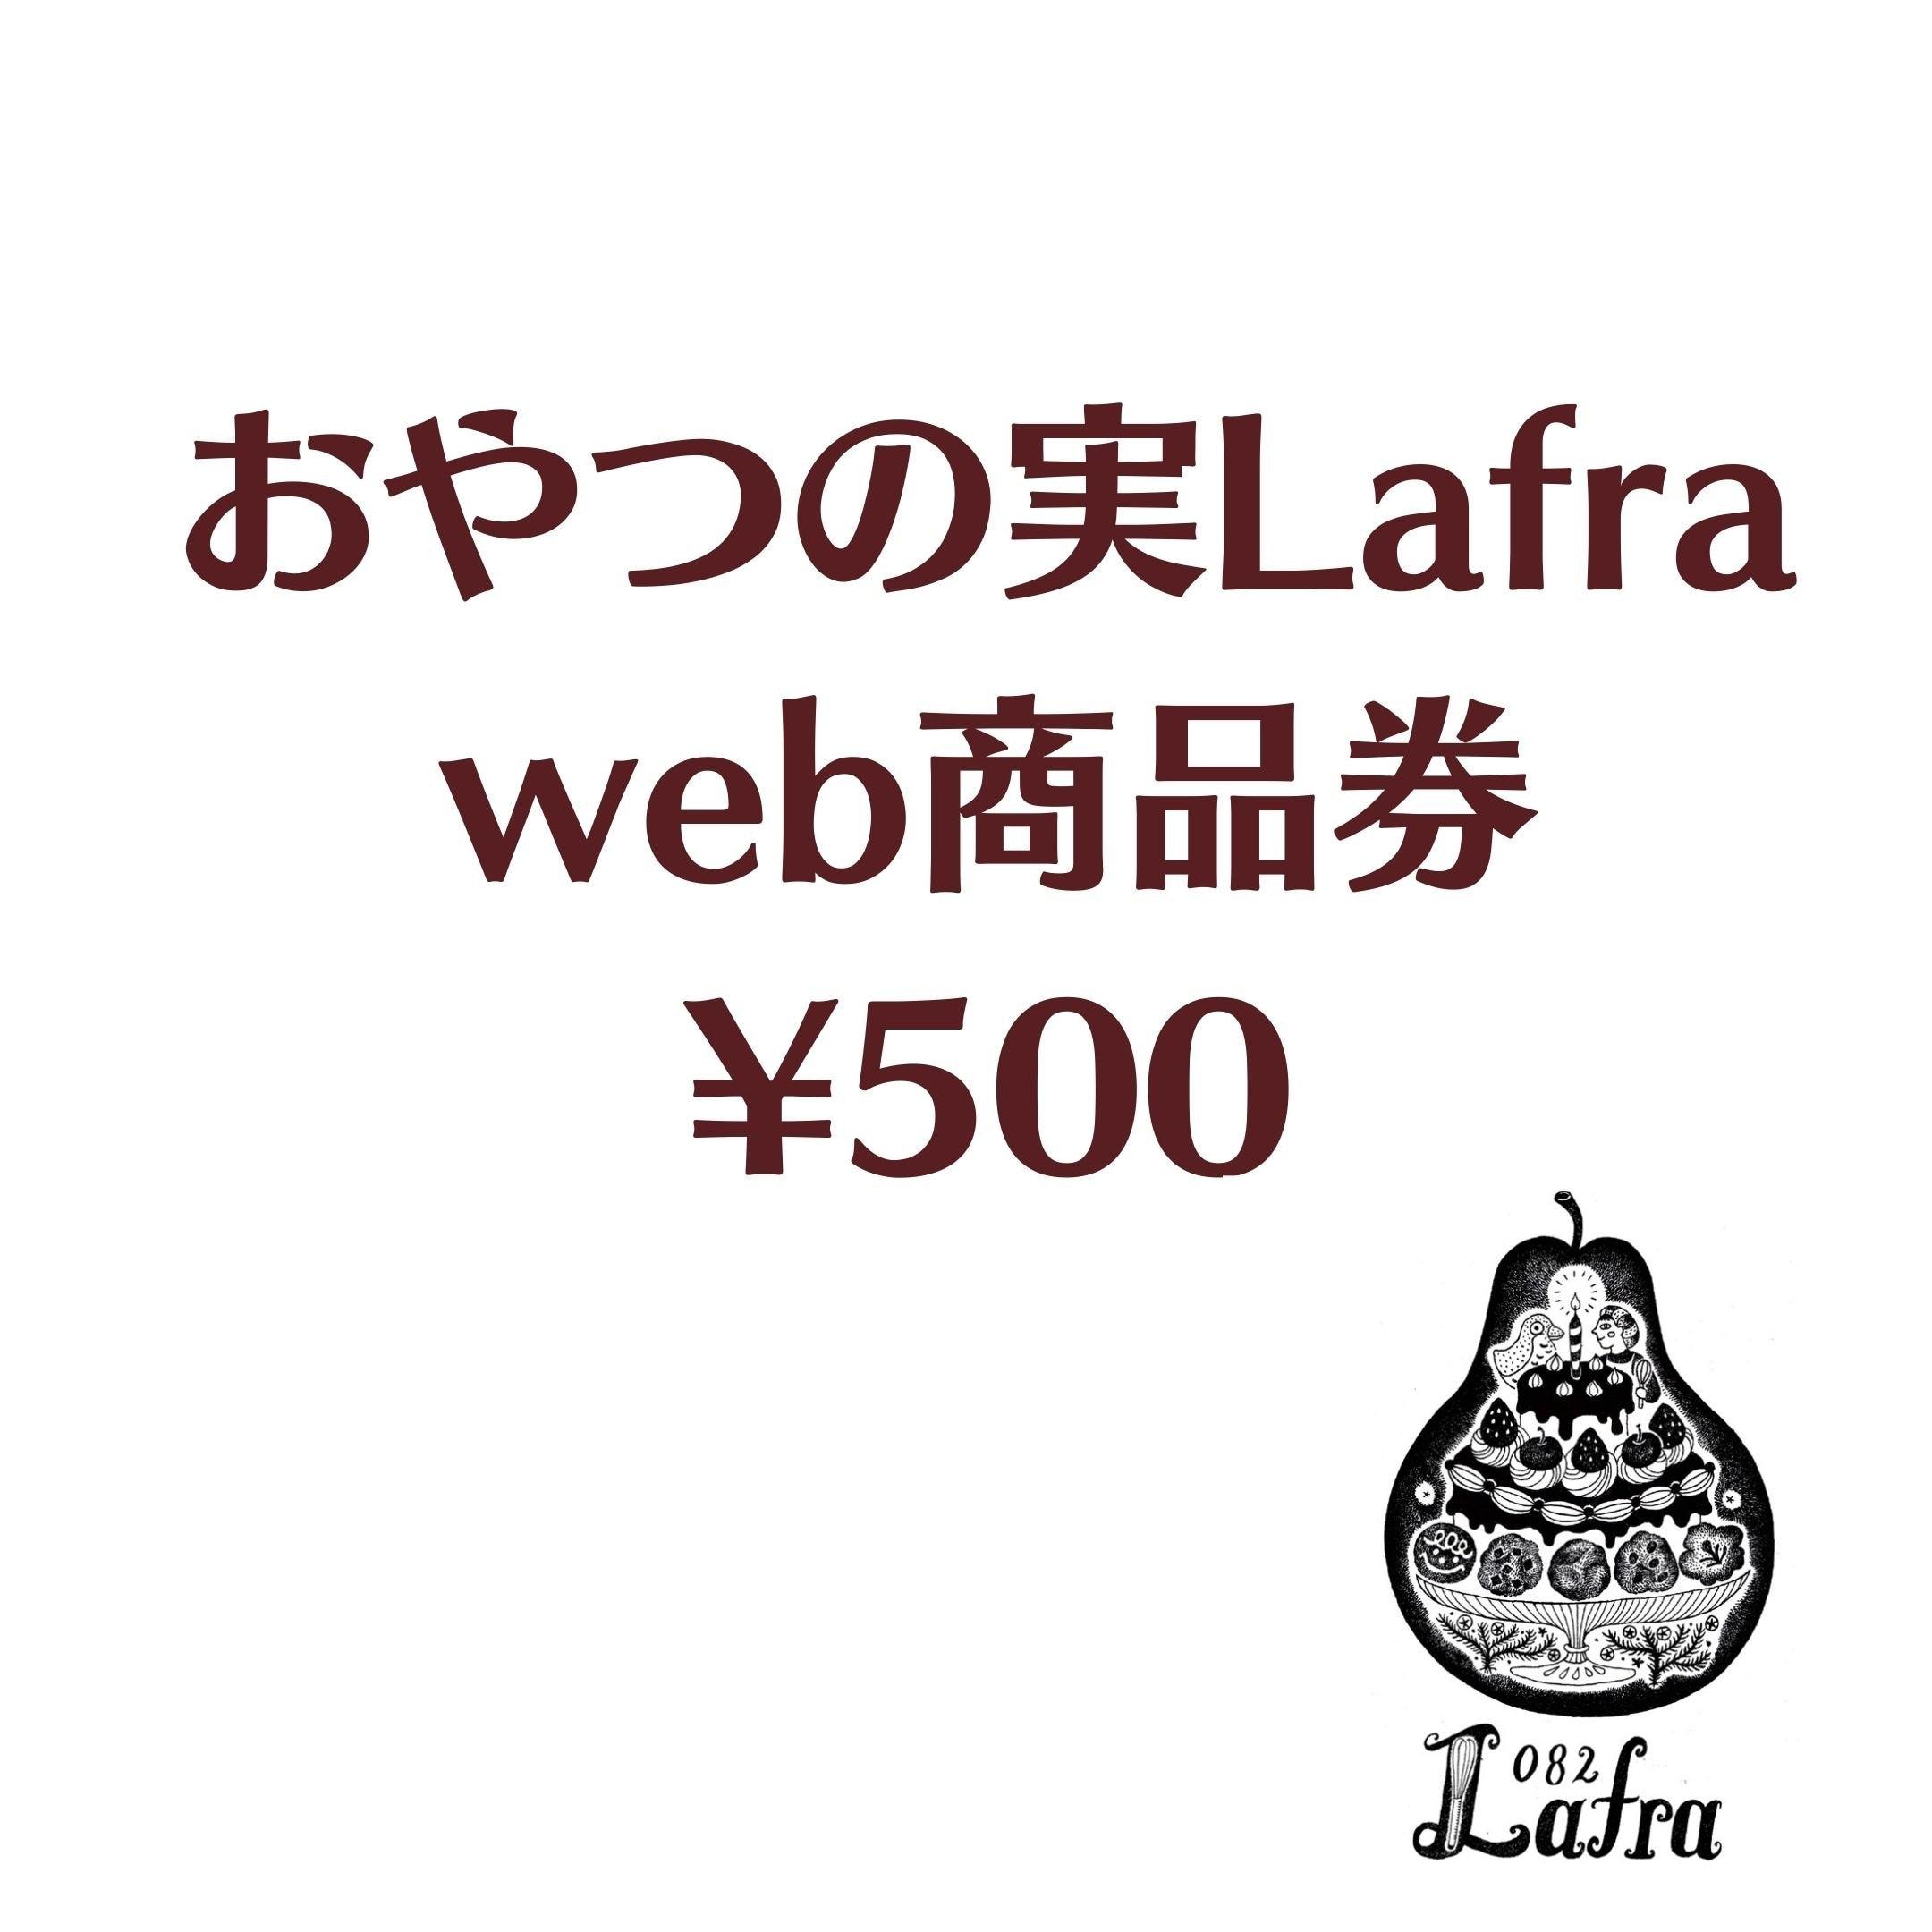 おやつの実Lafra WEB商品券 ¥500分のイメージその1